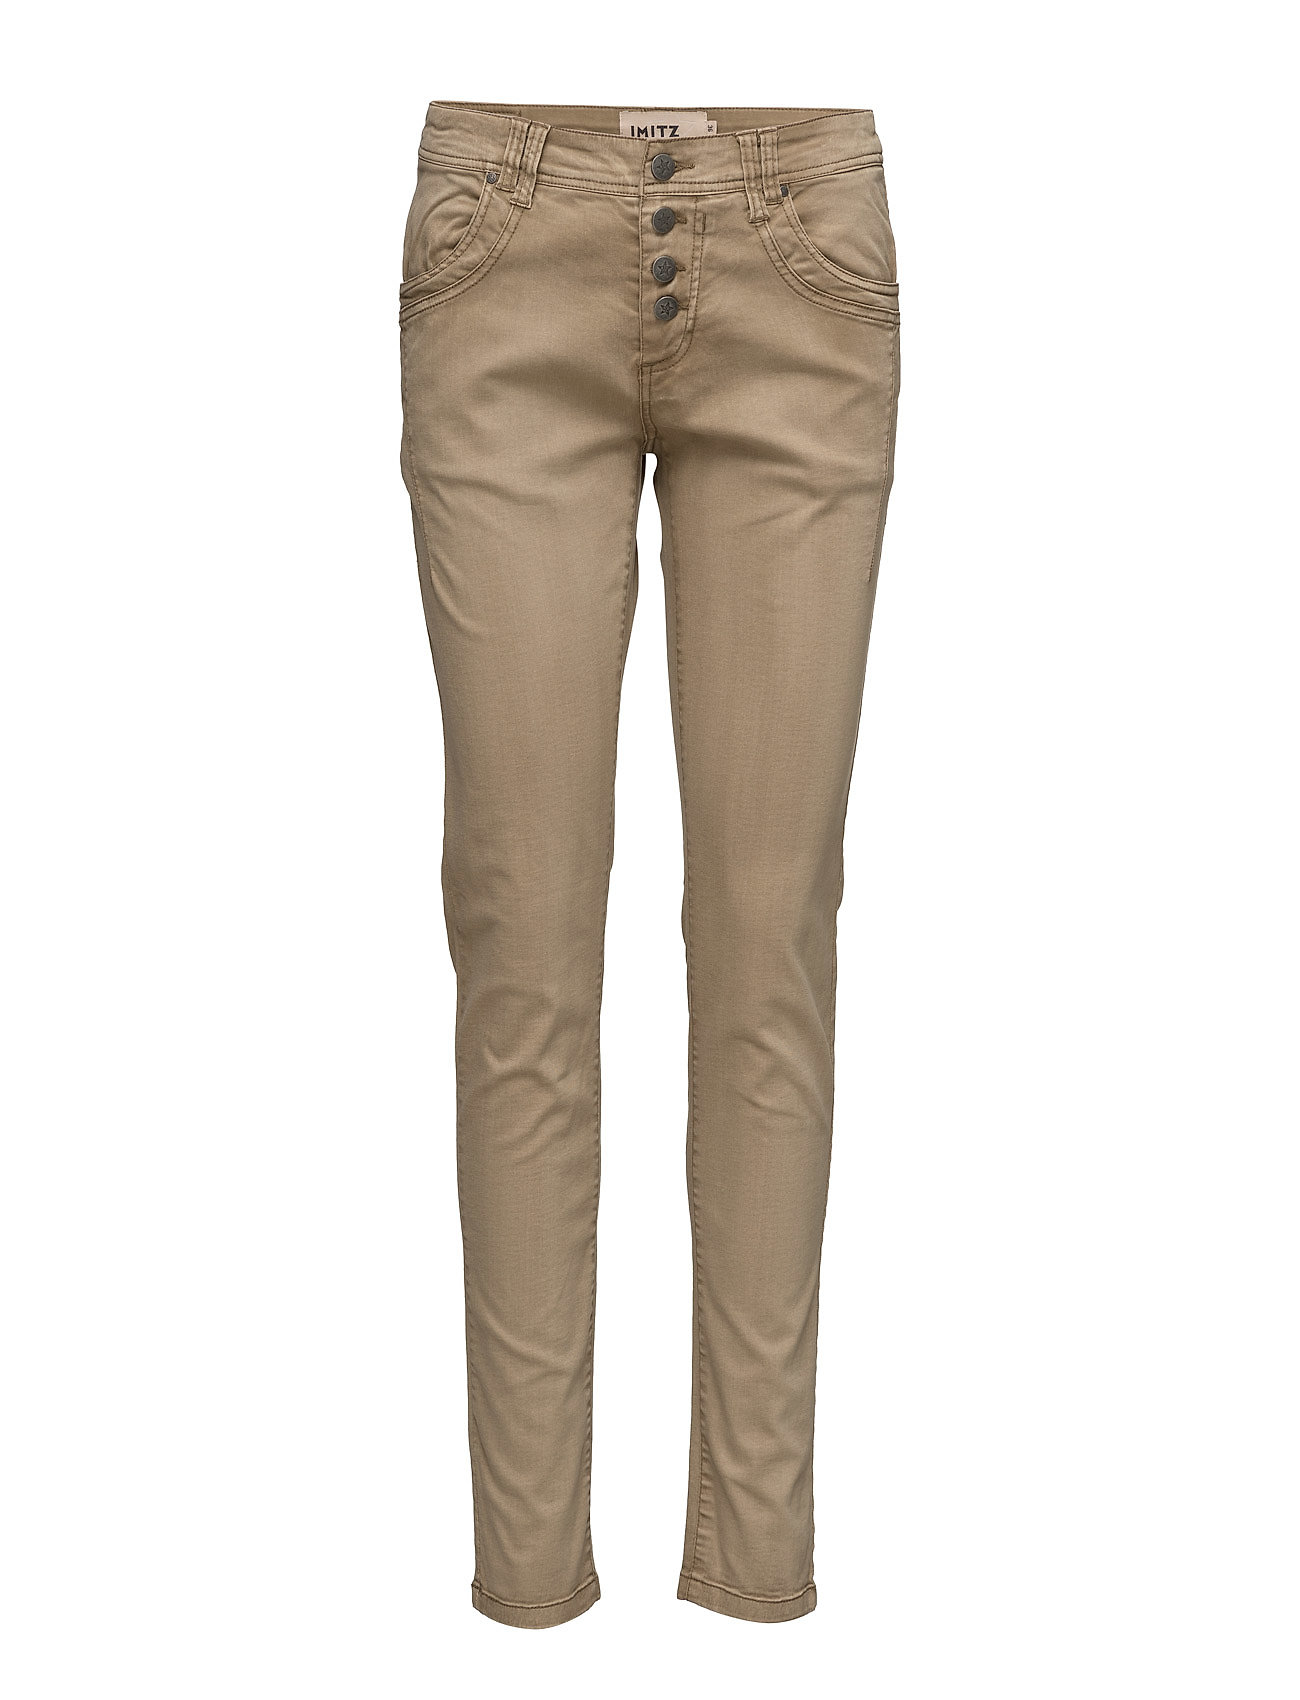 imitz Casual pants fra boozt.com dk